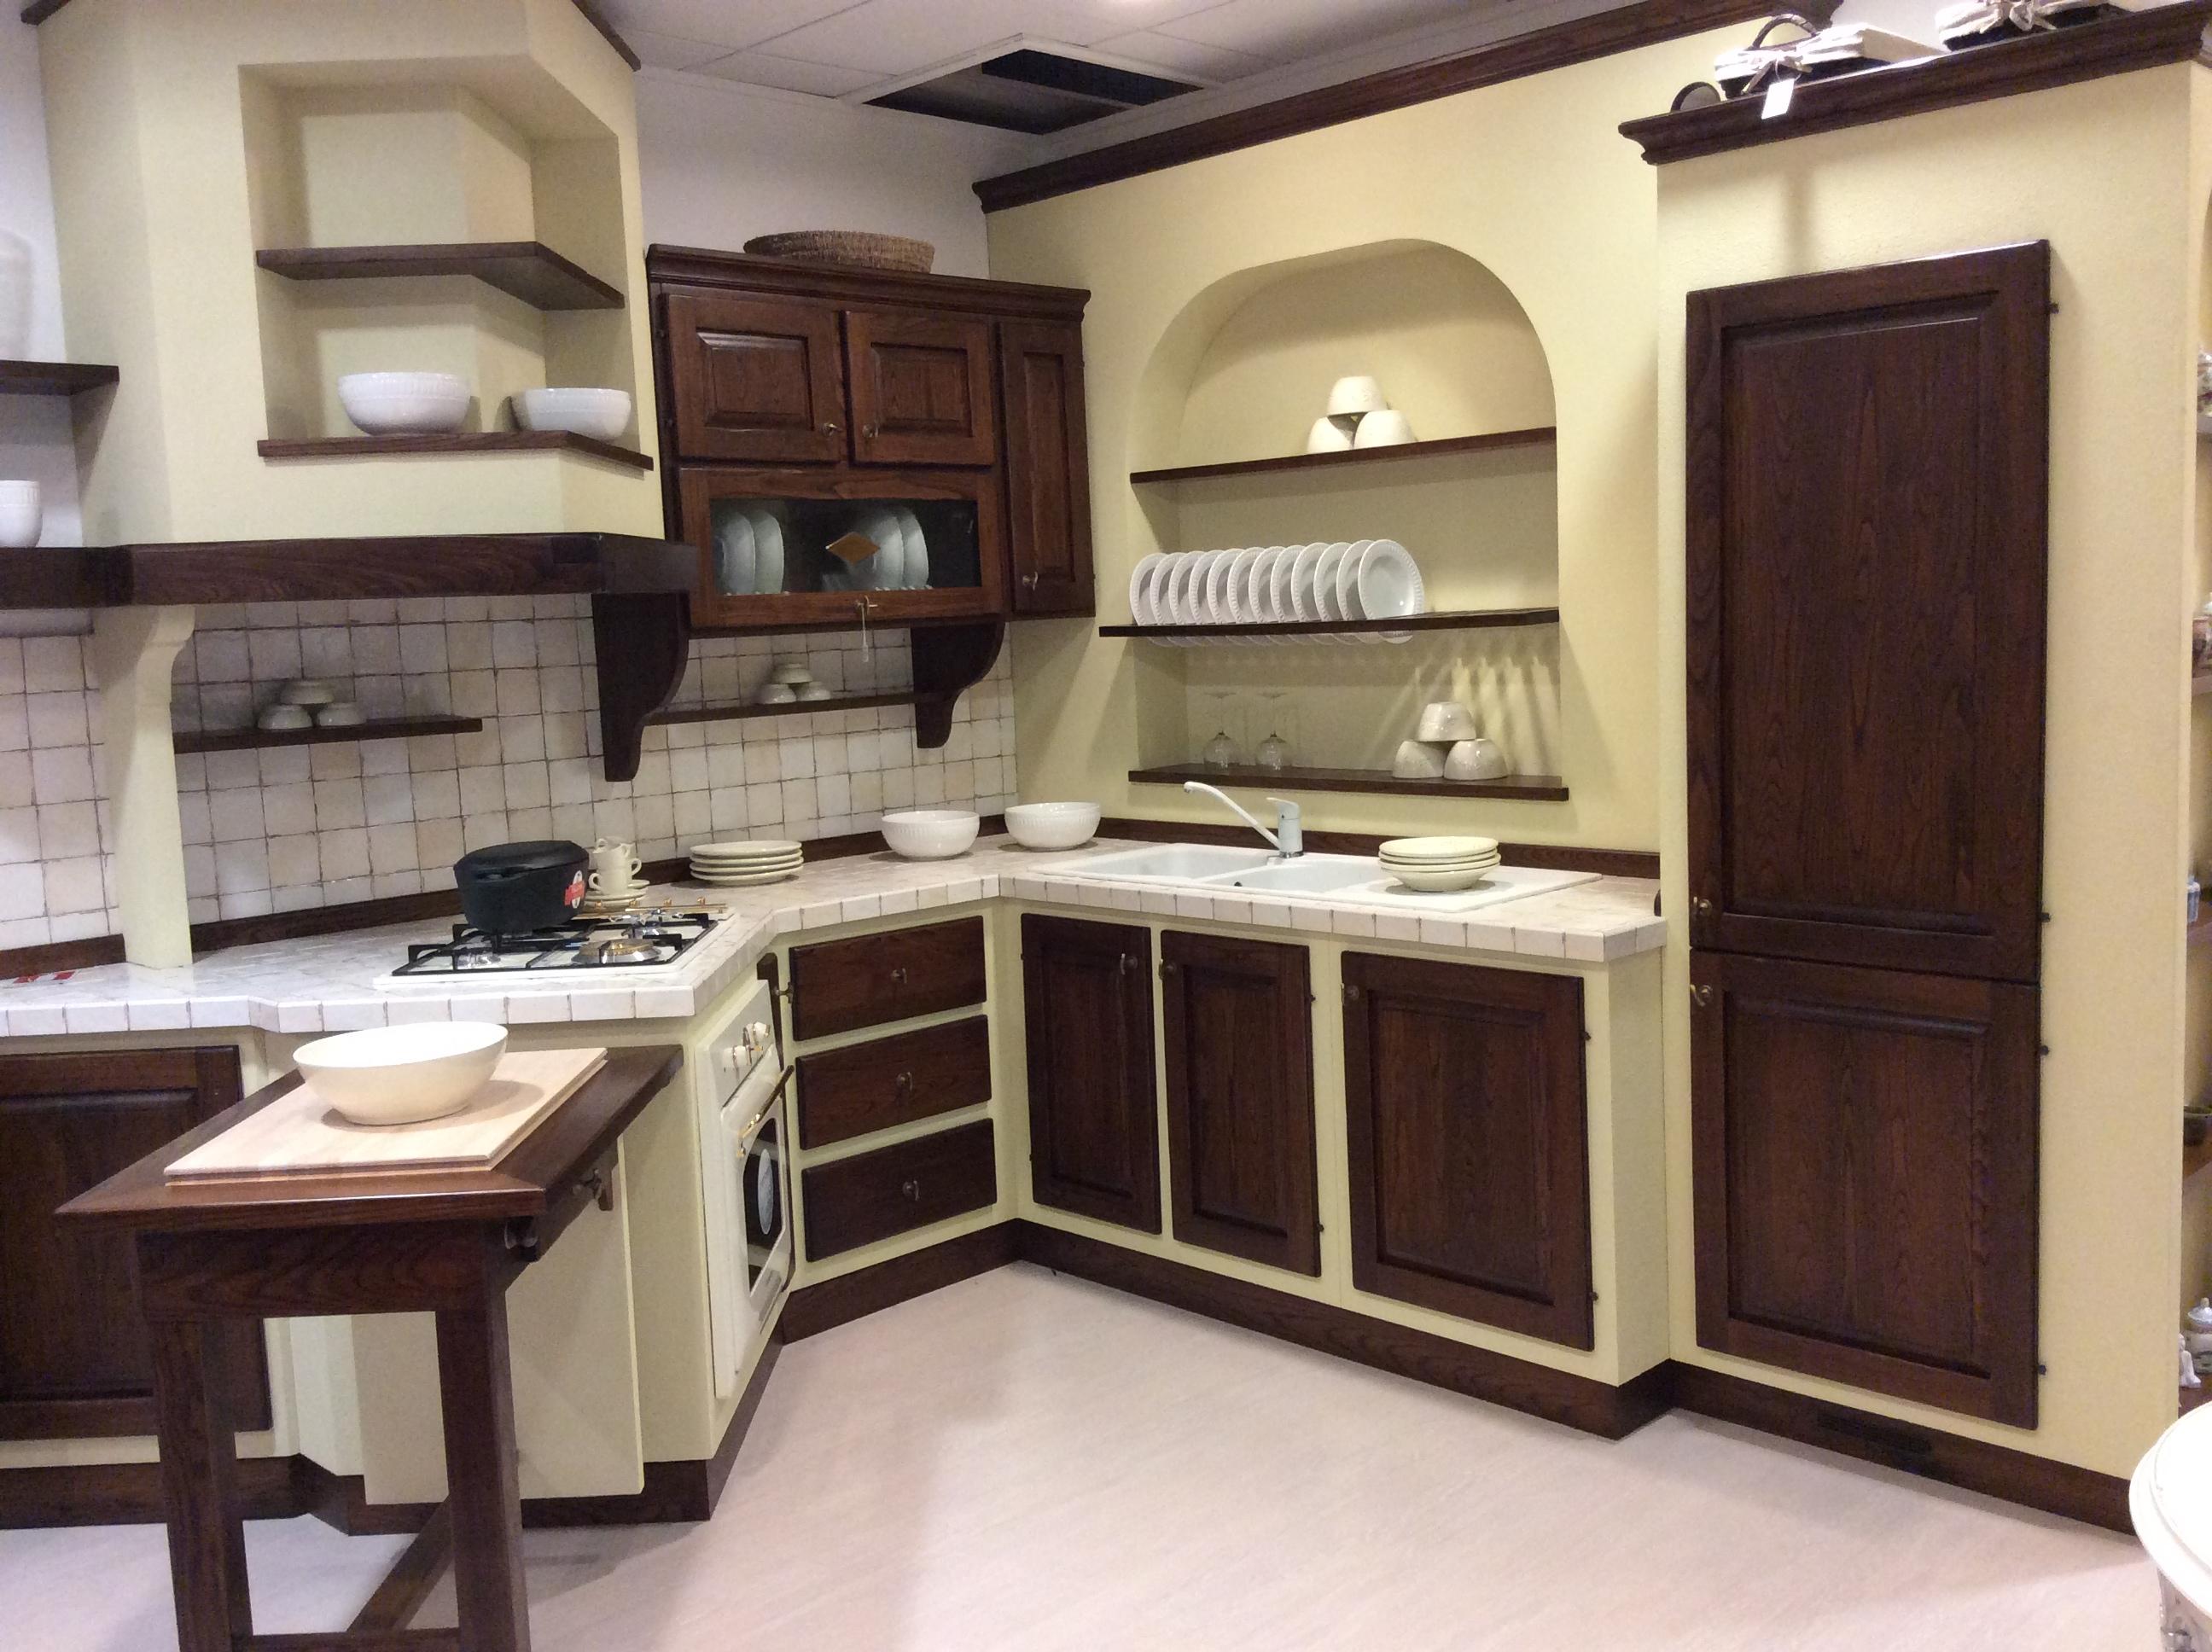 Awesome Come Realizzare Una Cucina In Muratura Fai Da Te Photos ...